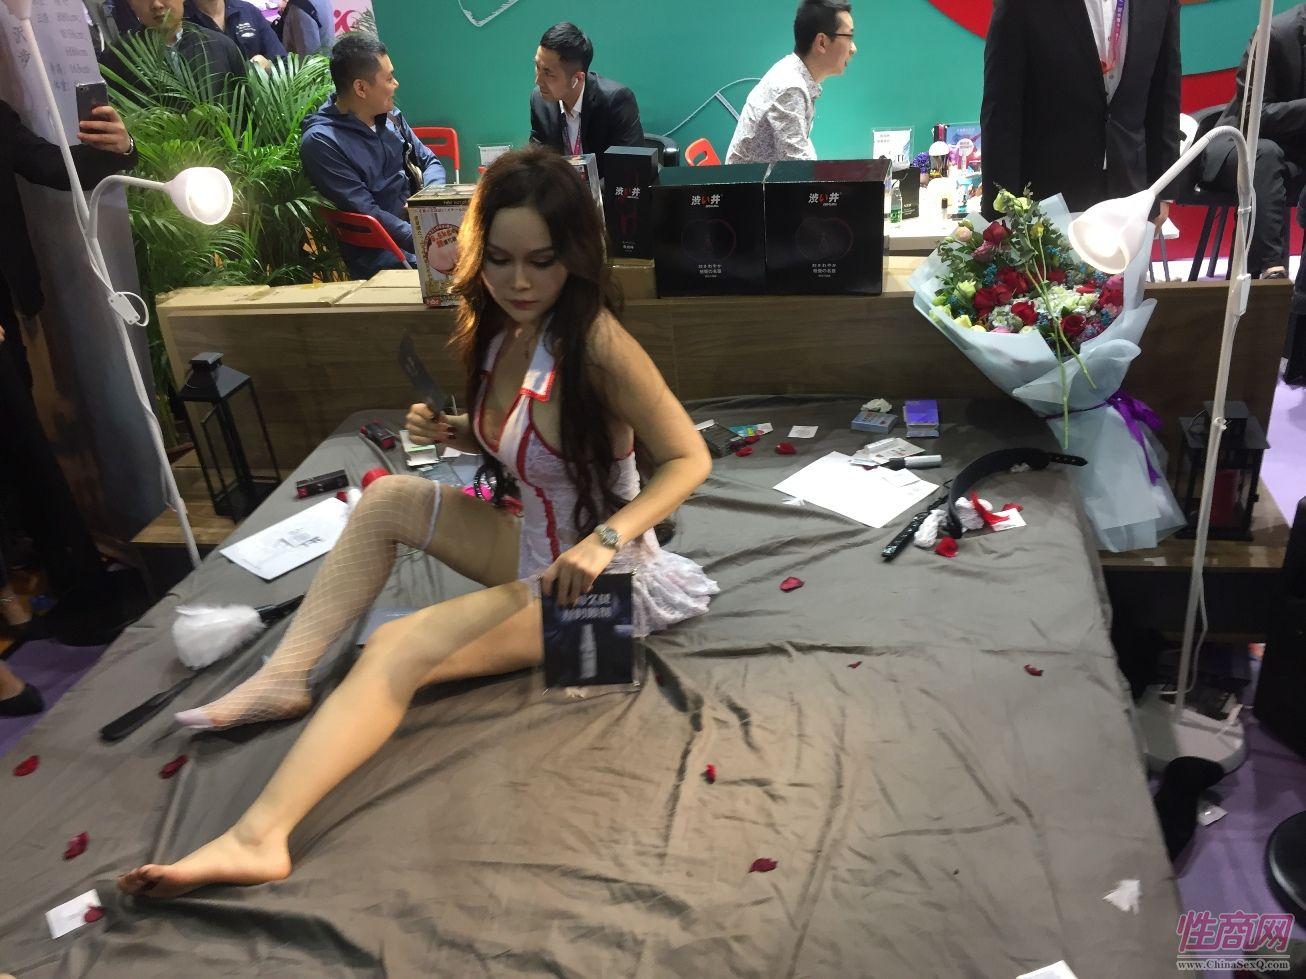 18年广州性文化节-美女模特 (2)